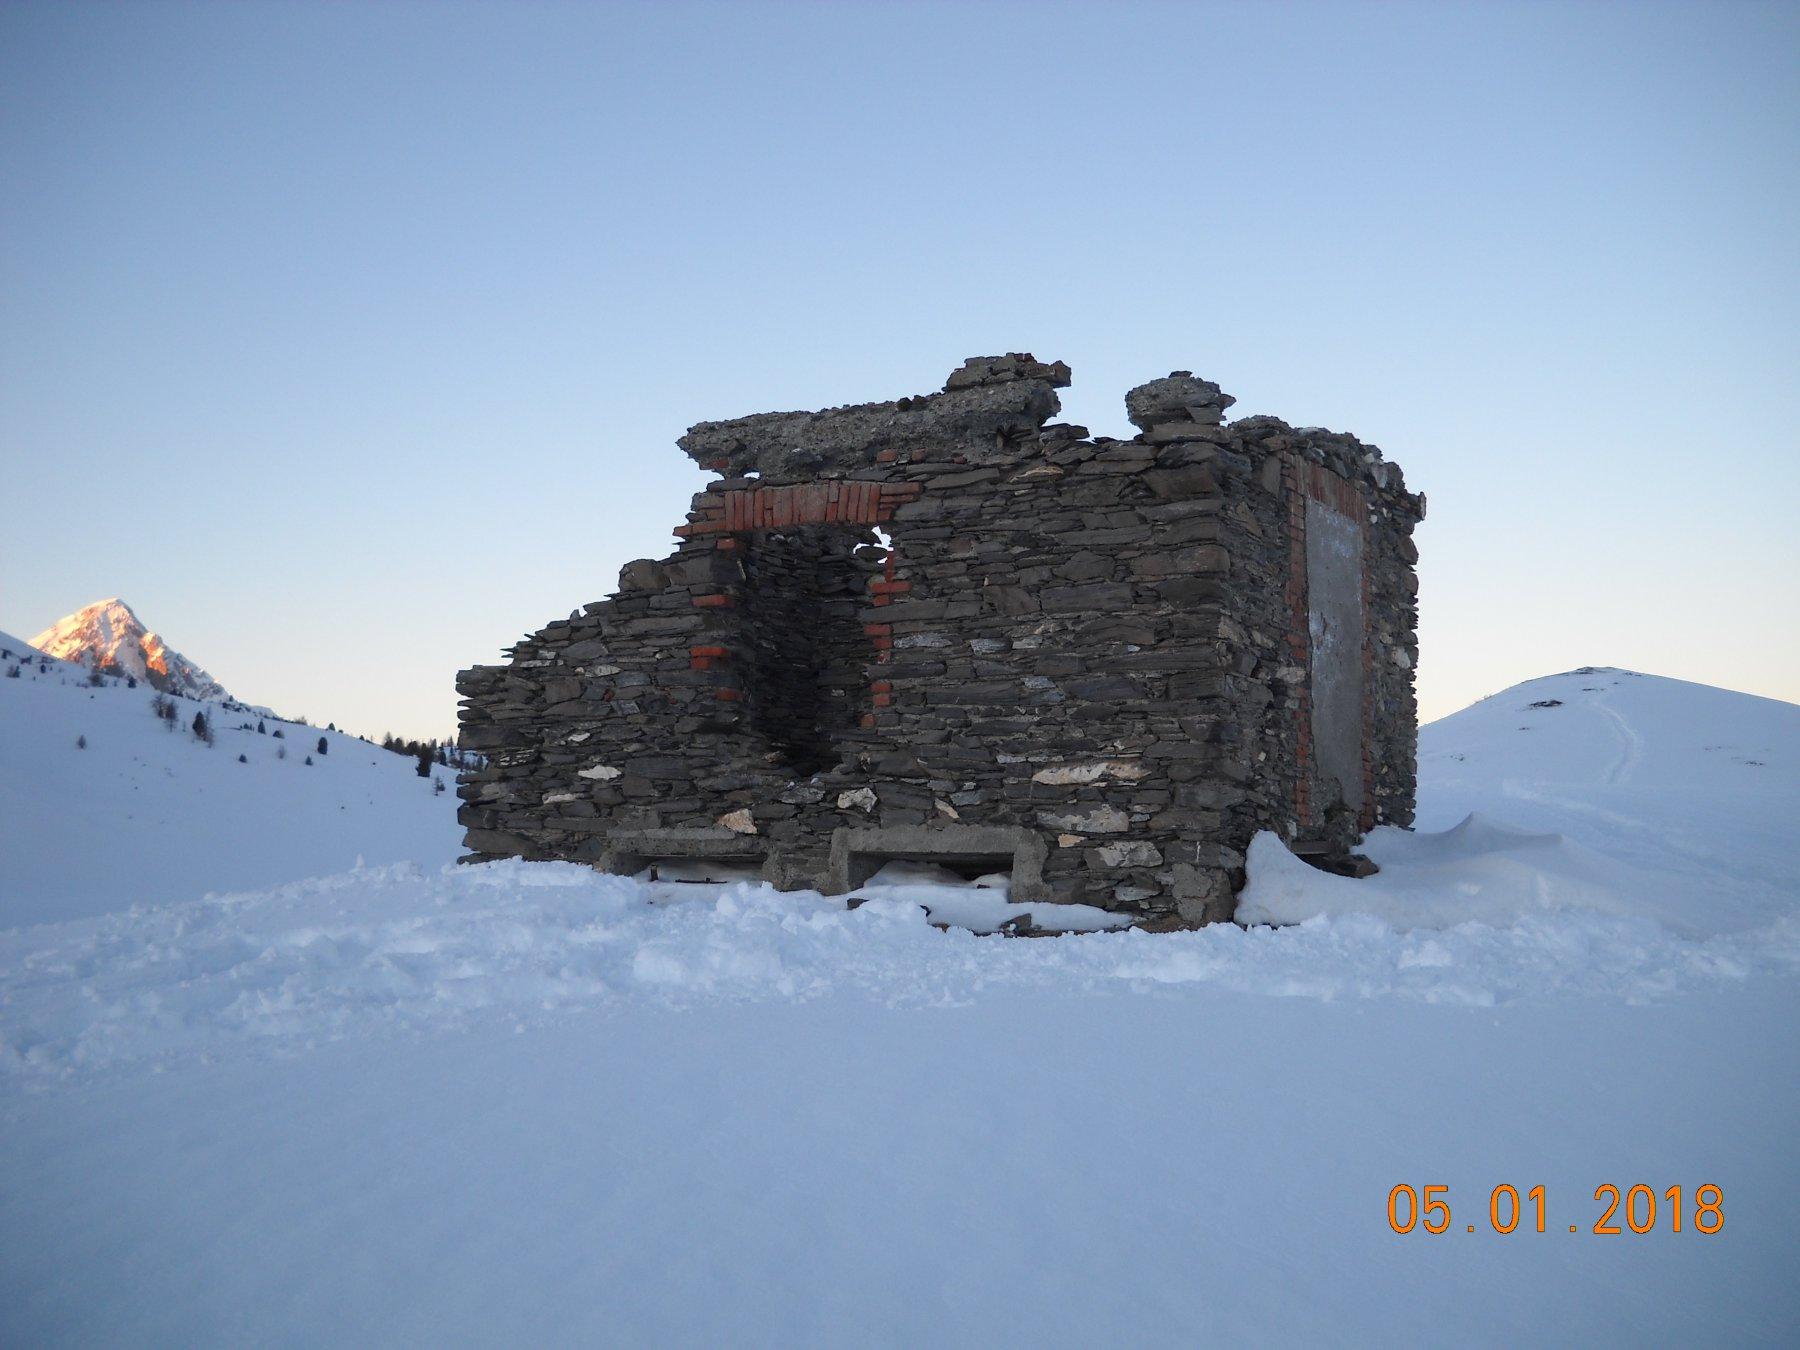 casermetta carabinieri 2210 mt. poggio dx e chaberton sx